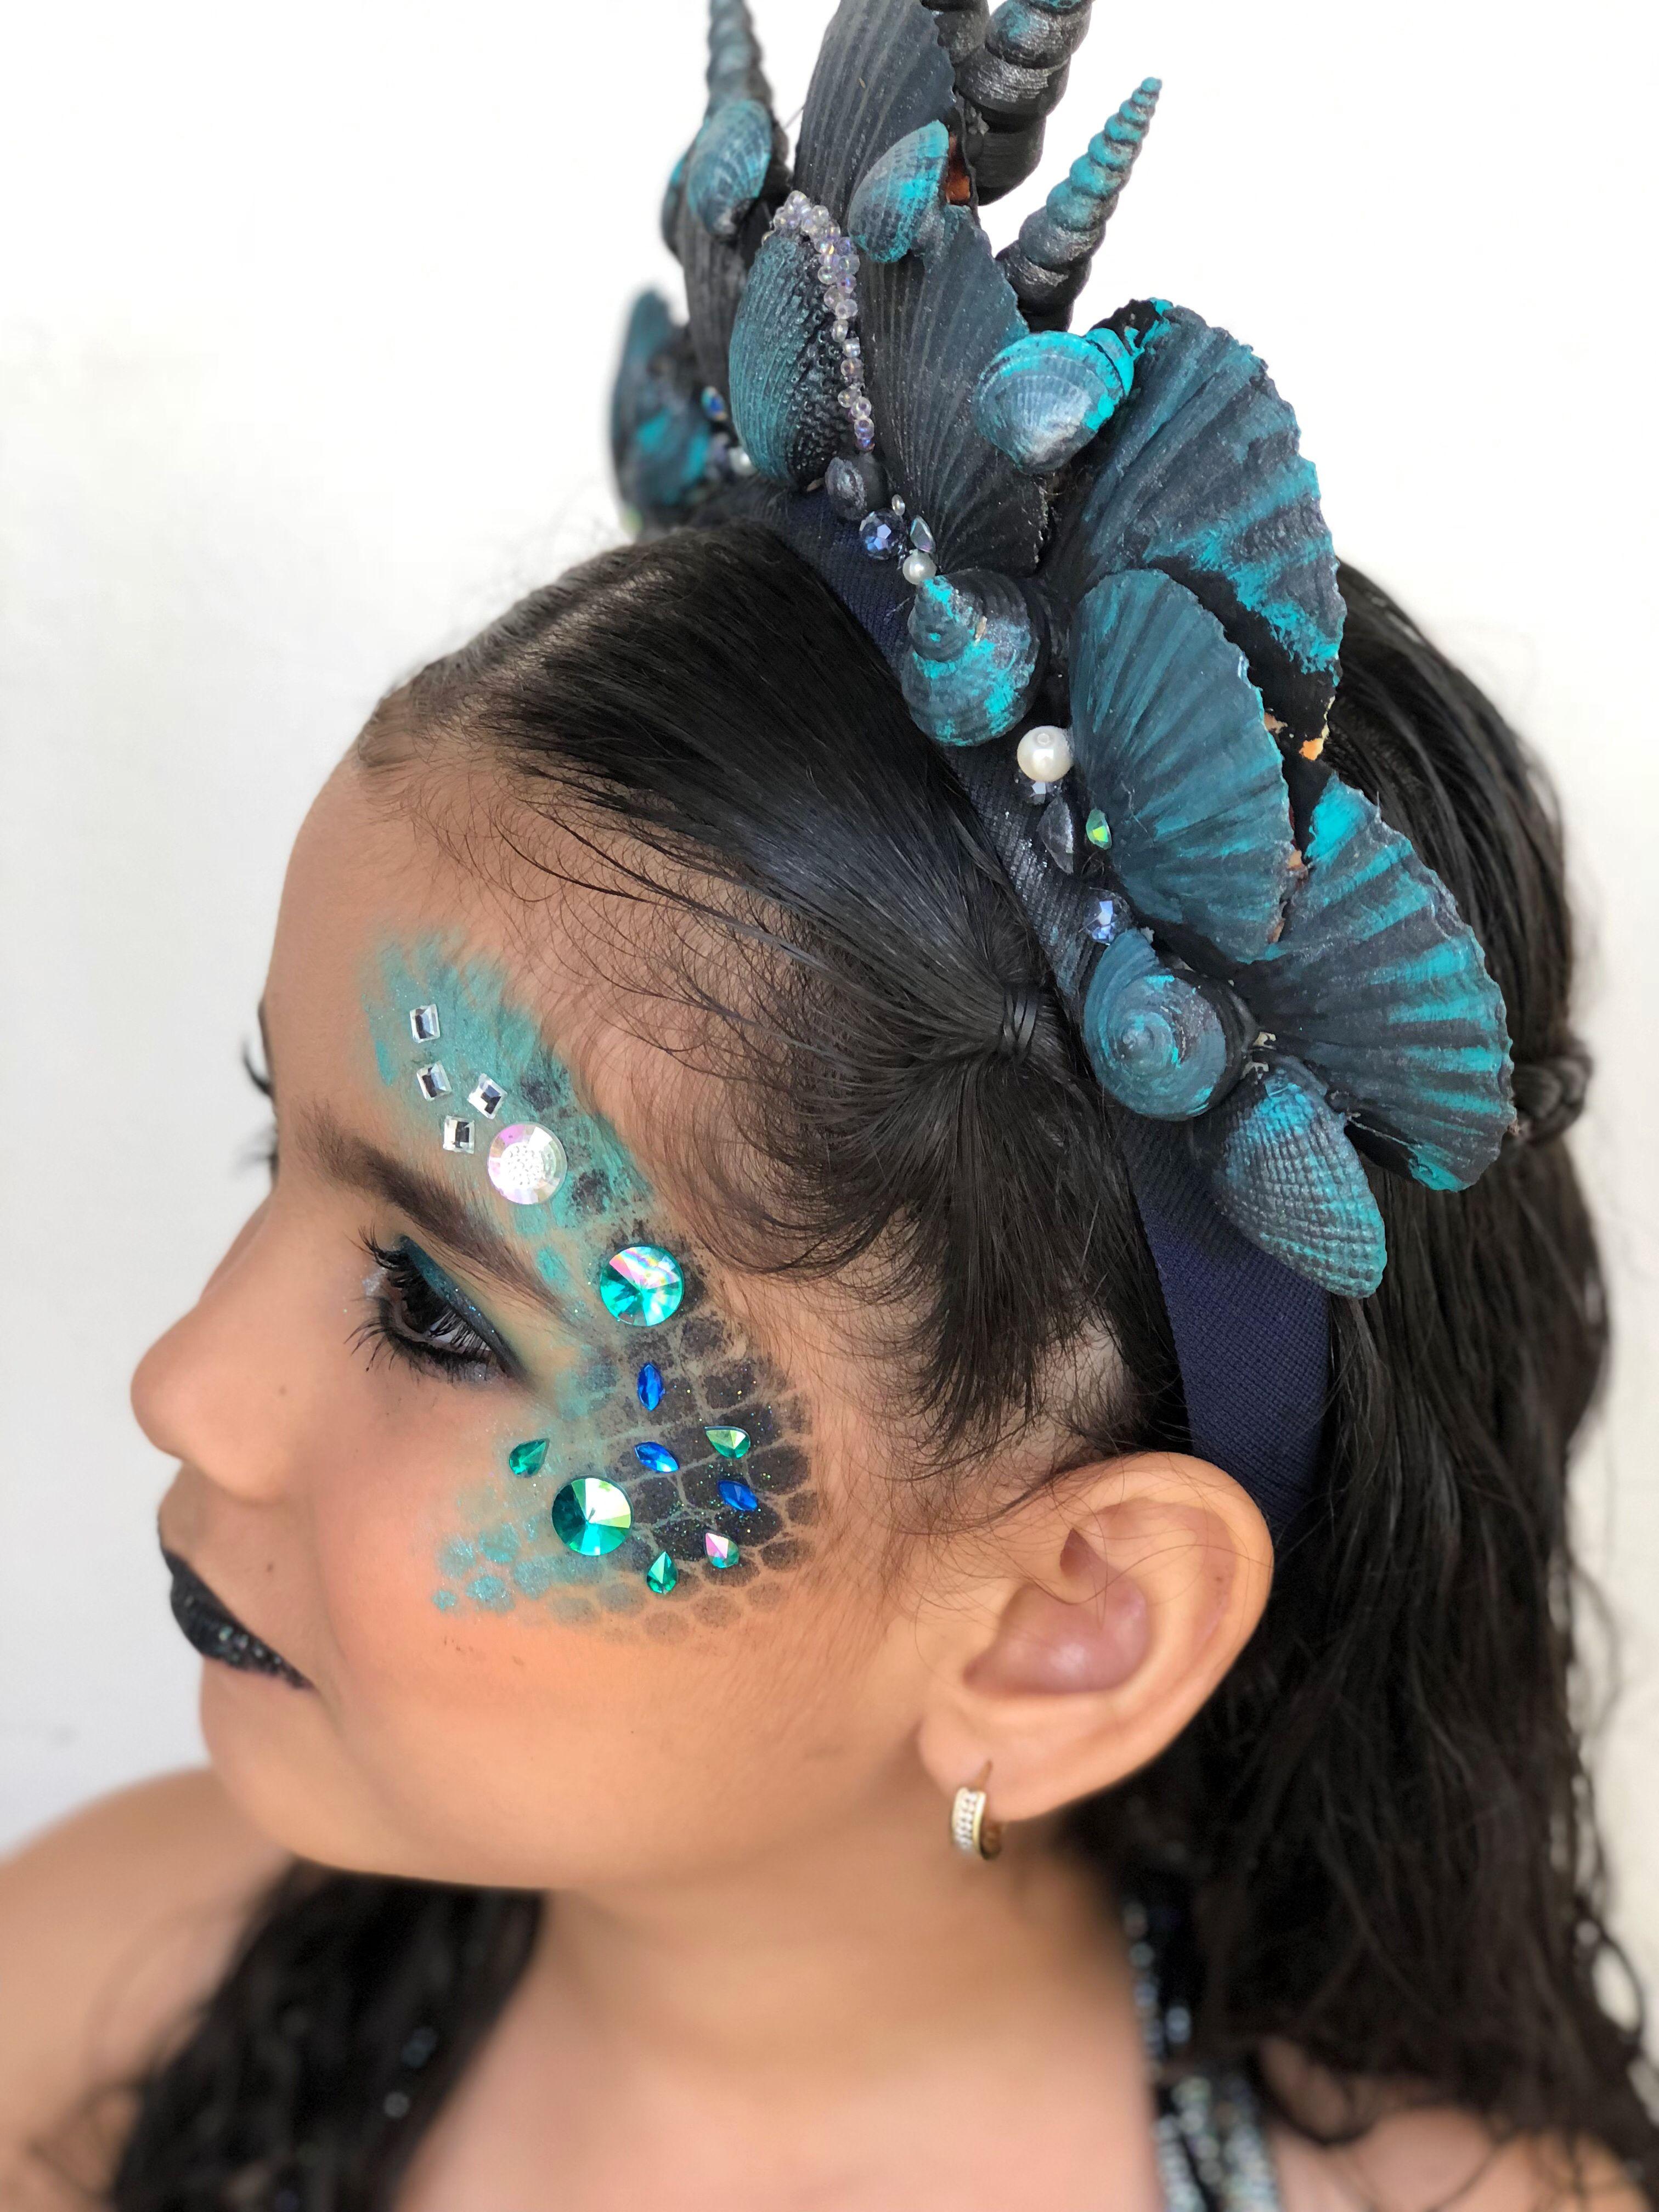 Mermaid makeup / Evil mermaid / Girls kid halloween costume